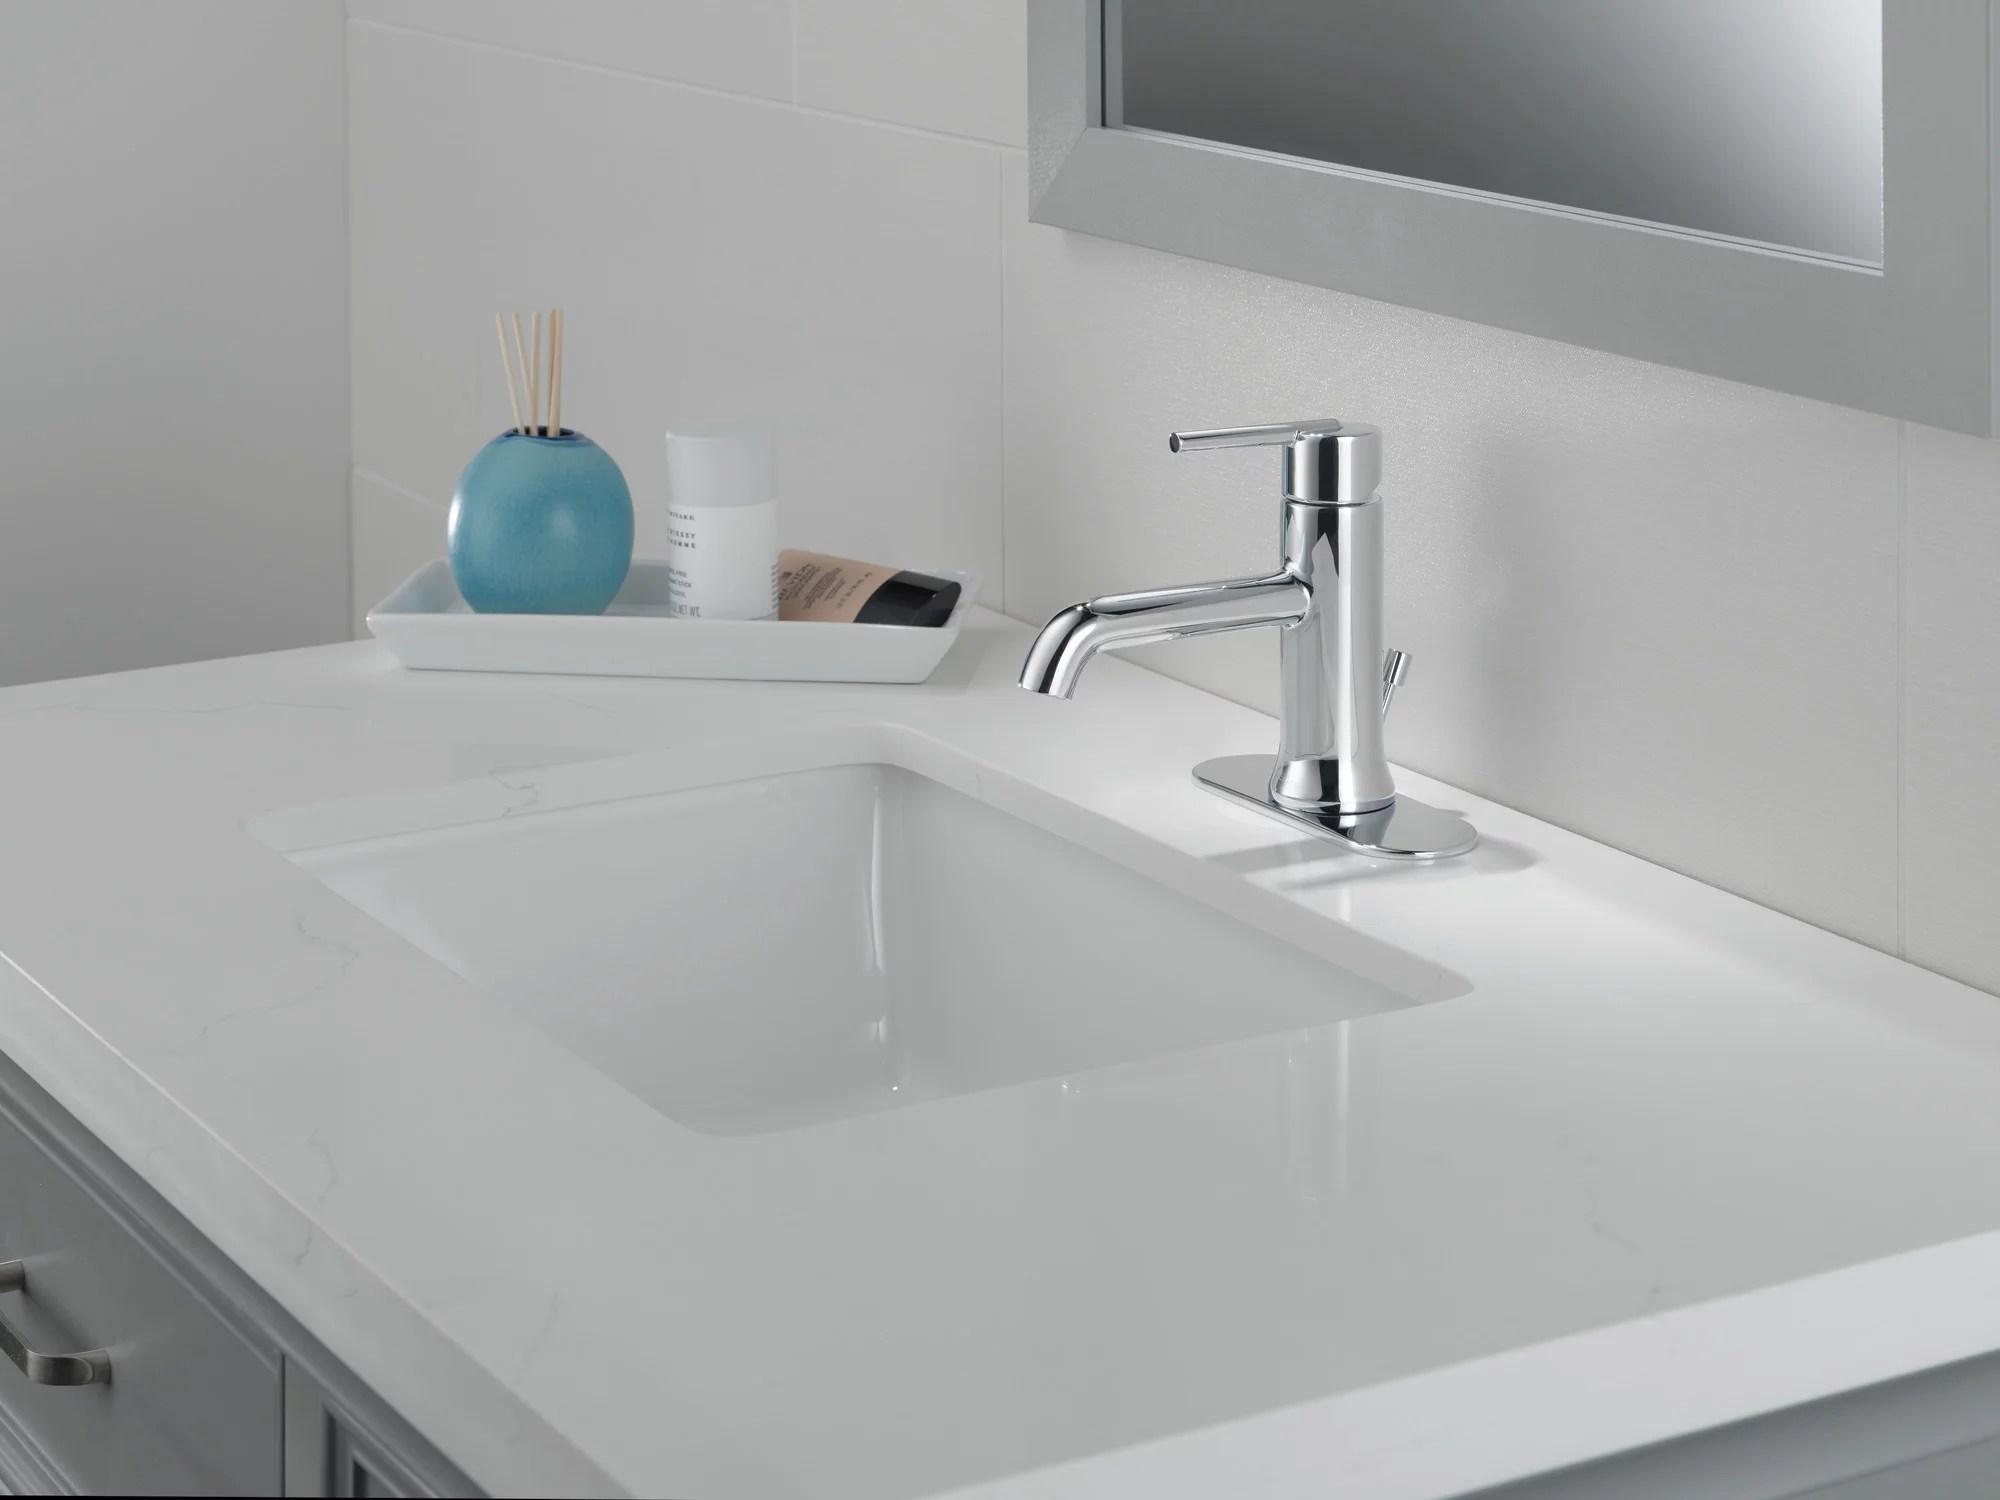 delta trinsic single handle bathroom faucet in matte black 559lf blmpu walmart com walmart com